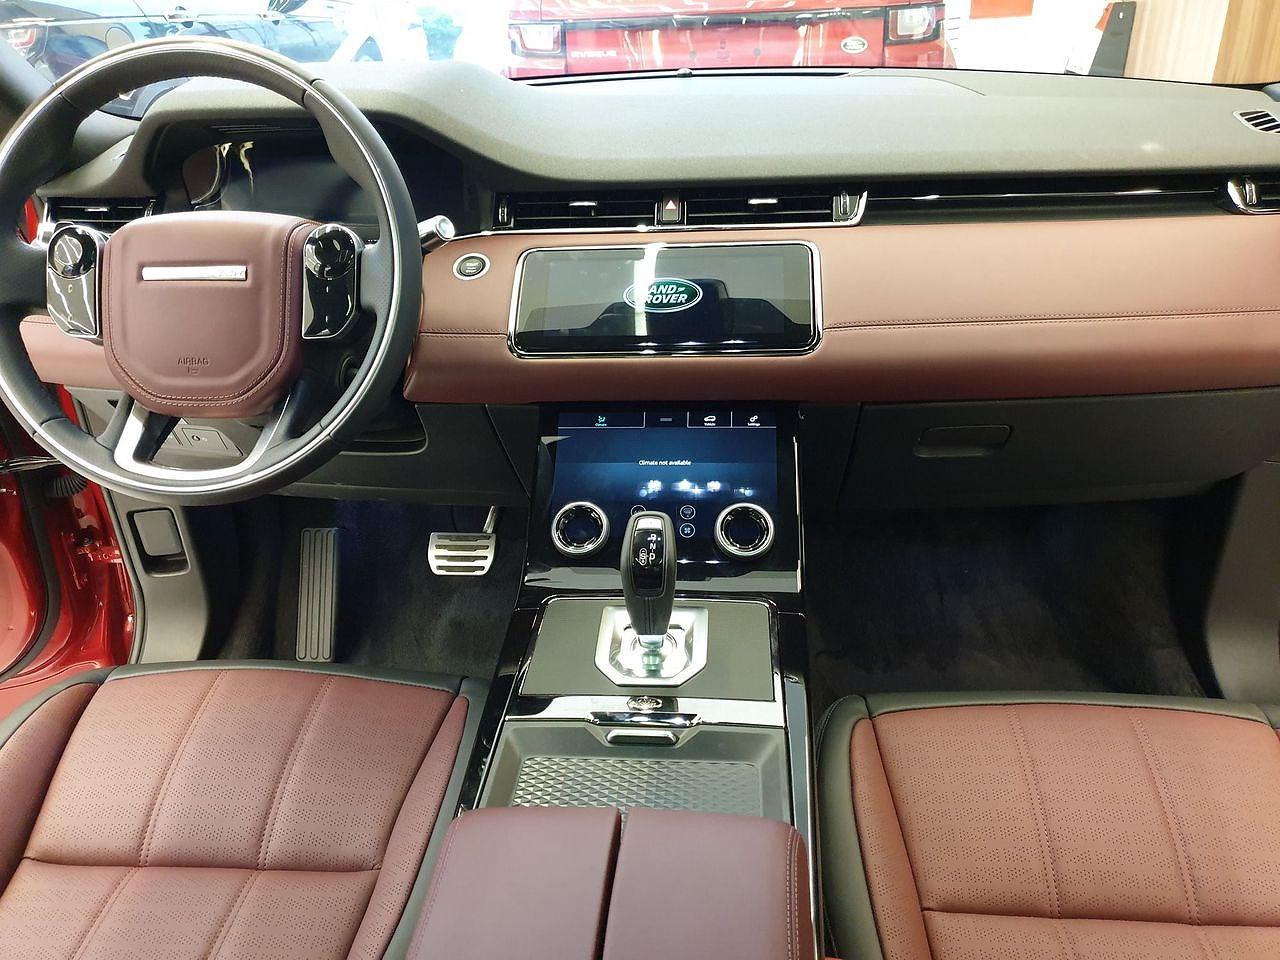 Chiêm ngưỡng Range Rover Evoque 2020 vừa về Việt Nam, giá từ 3,68 tỷ đồng - Hình 6